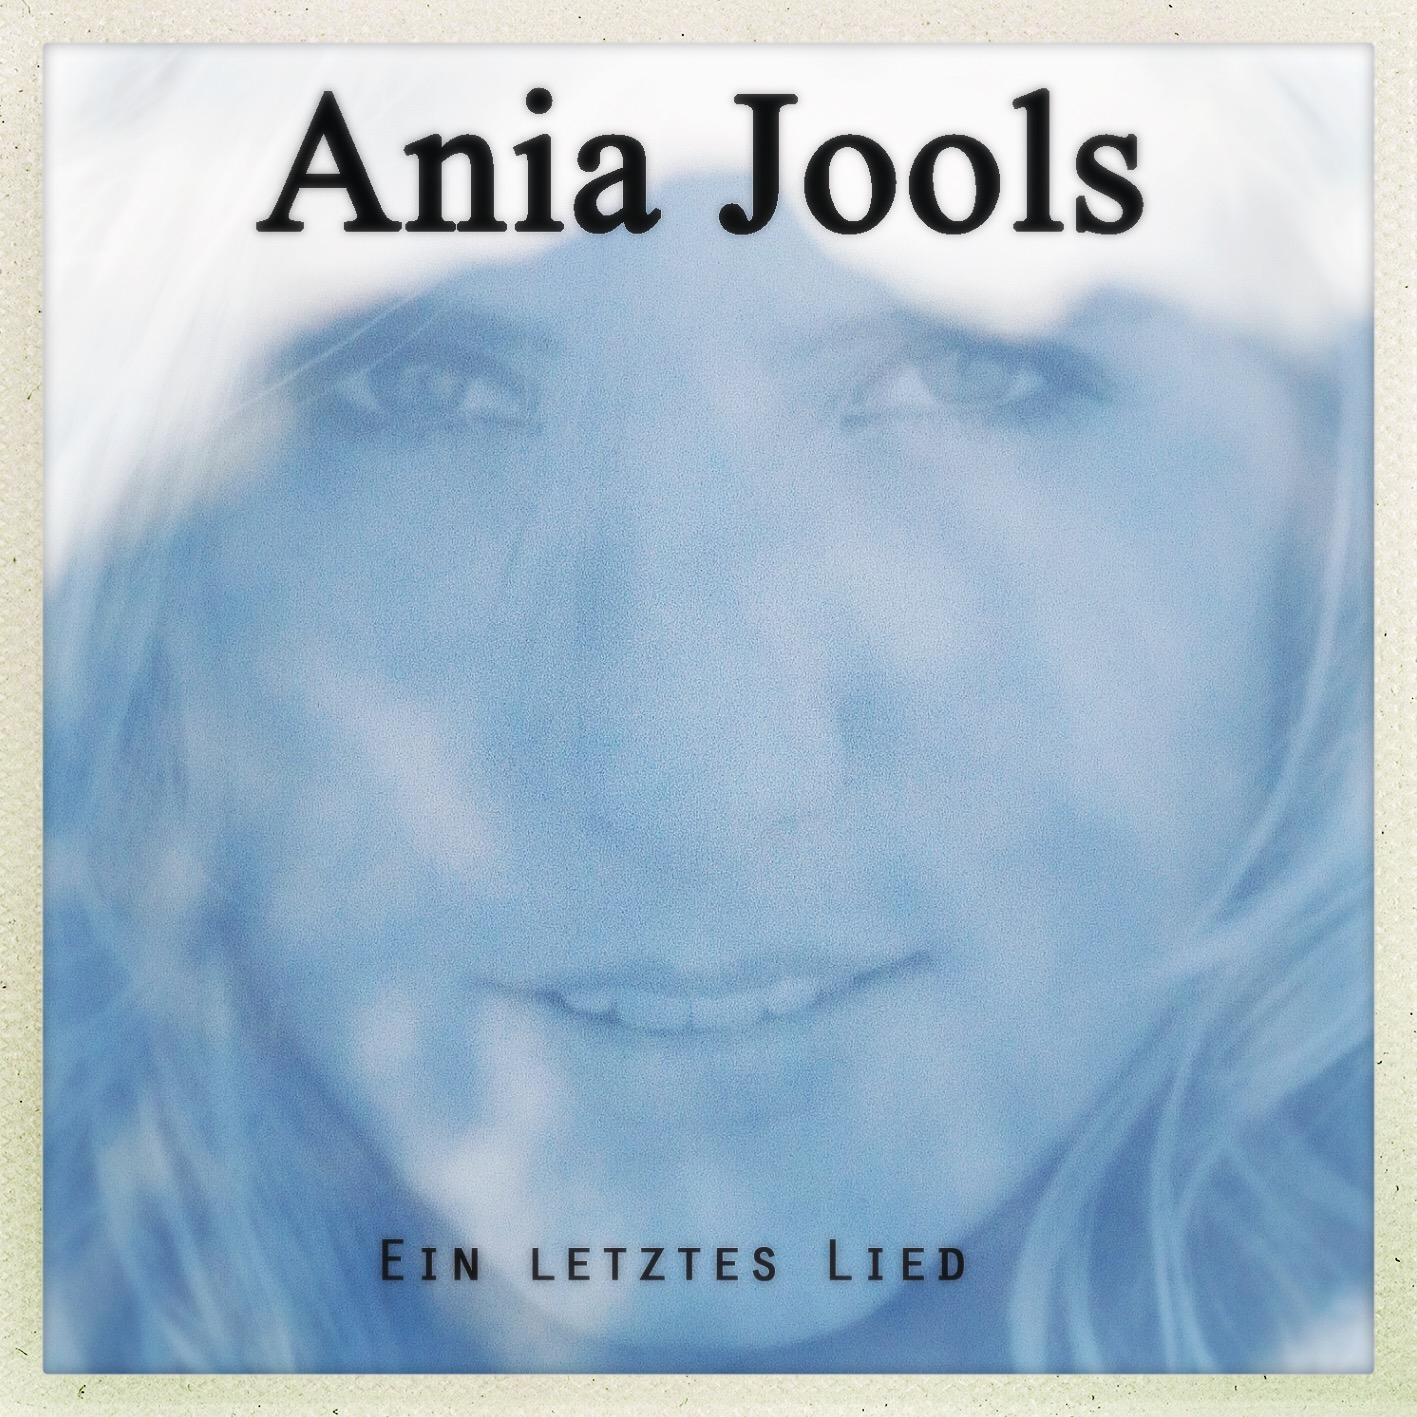 Ania Jools EIN LETZTES LIED